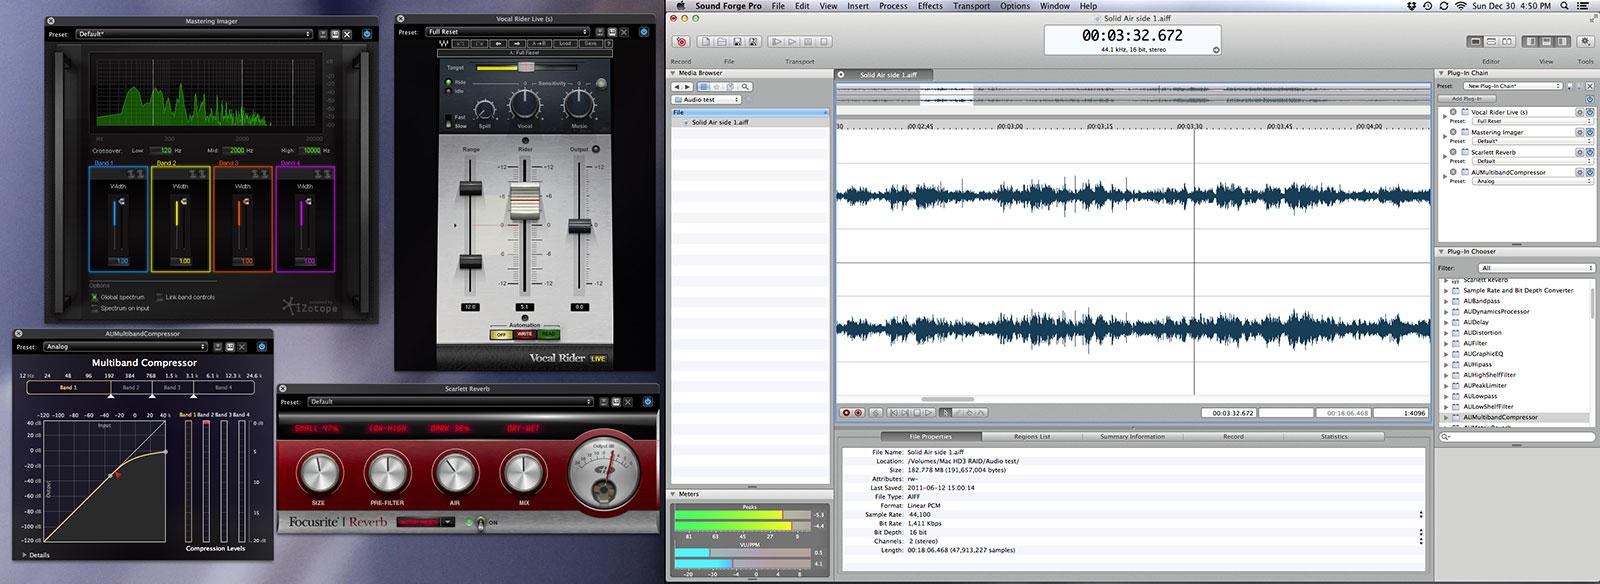 sony sound forge pro mac 1.0.22